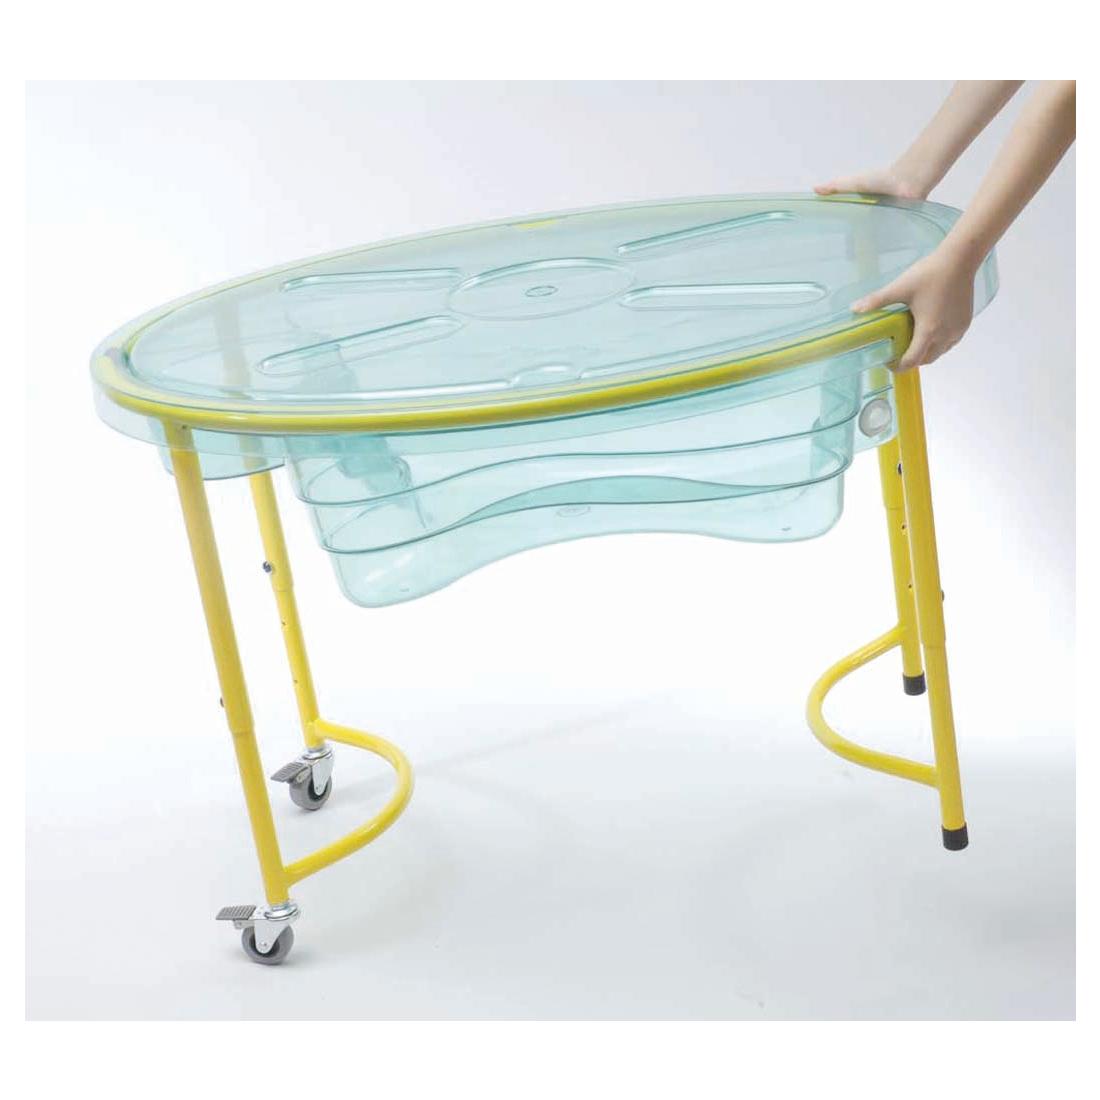 weplay kt2001 00c mobiler sand wasser spieltisch mit deckel transparent 1 st ck spielzeug. Black Bedroom Furniture Sets. Home Design Ideas